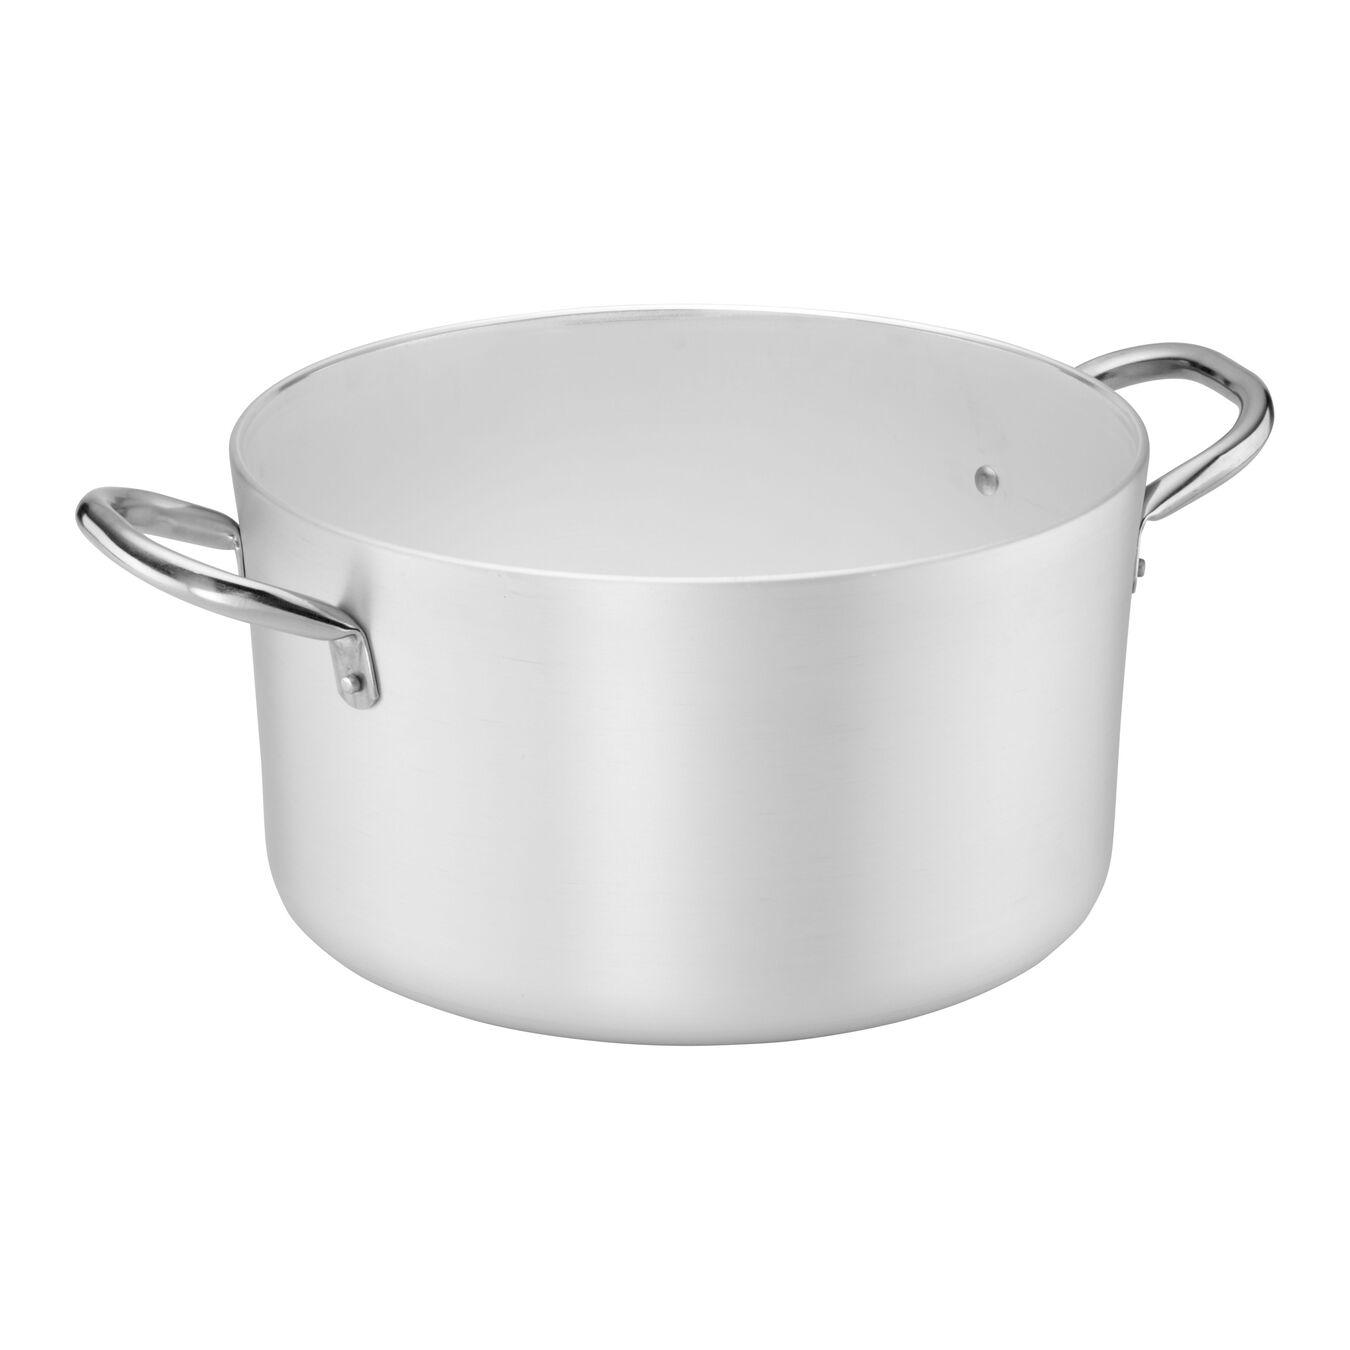 15.5-qt Aluminum Sauce Pot,,large 3